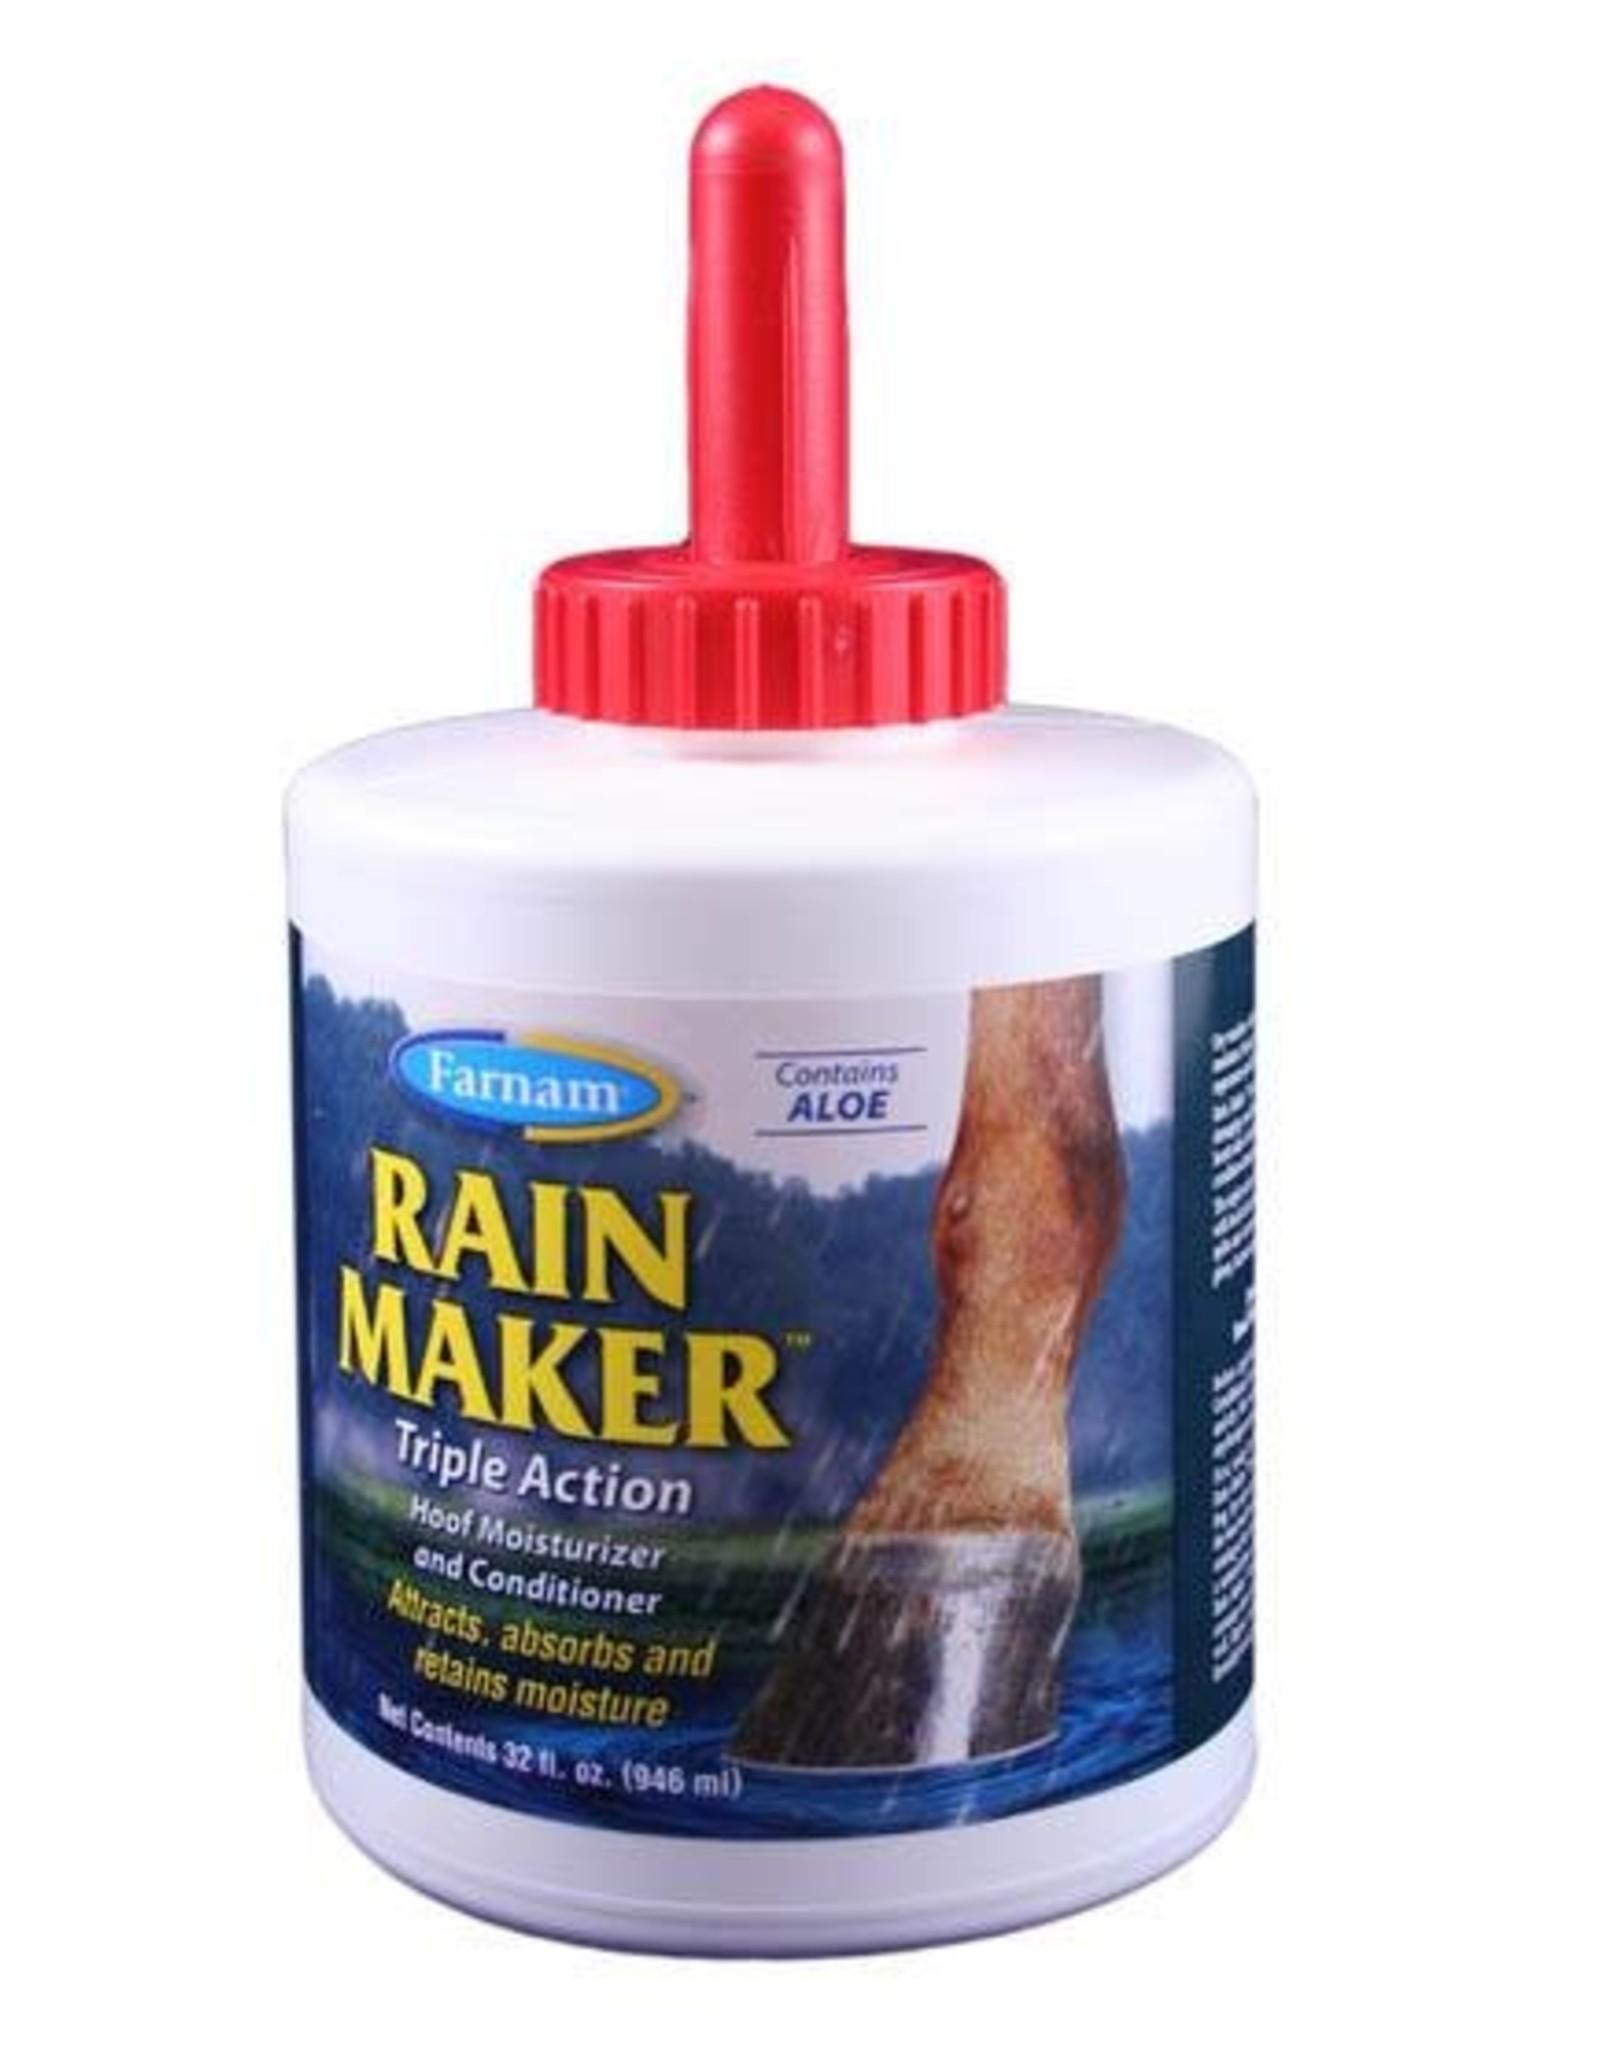 Farnam Rain Maker